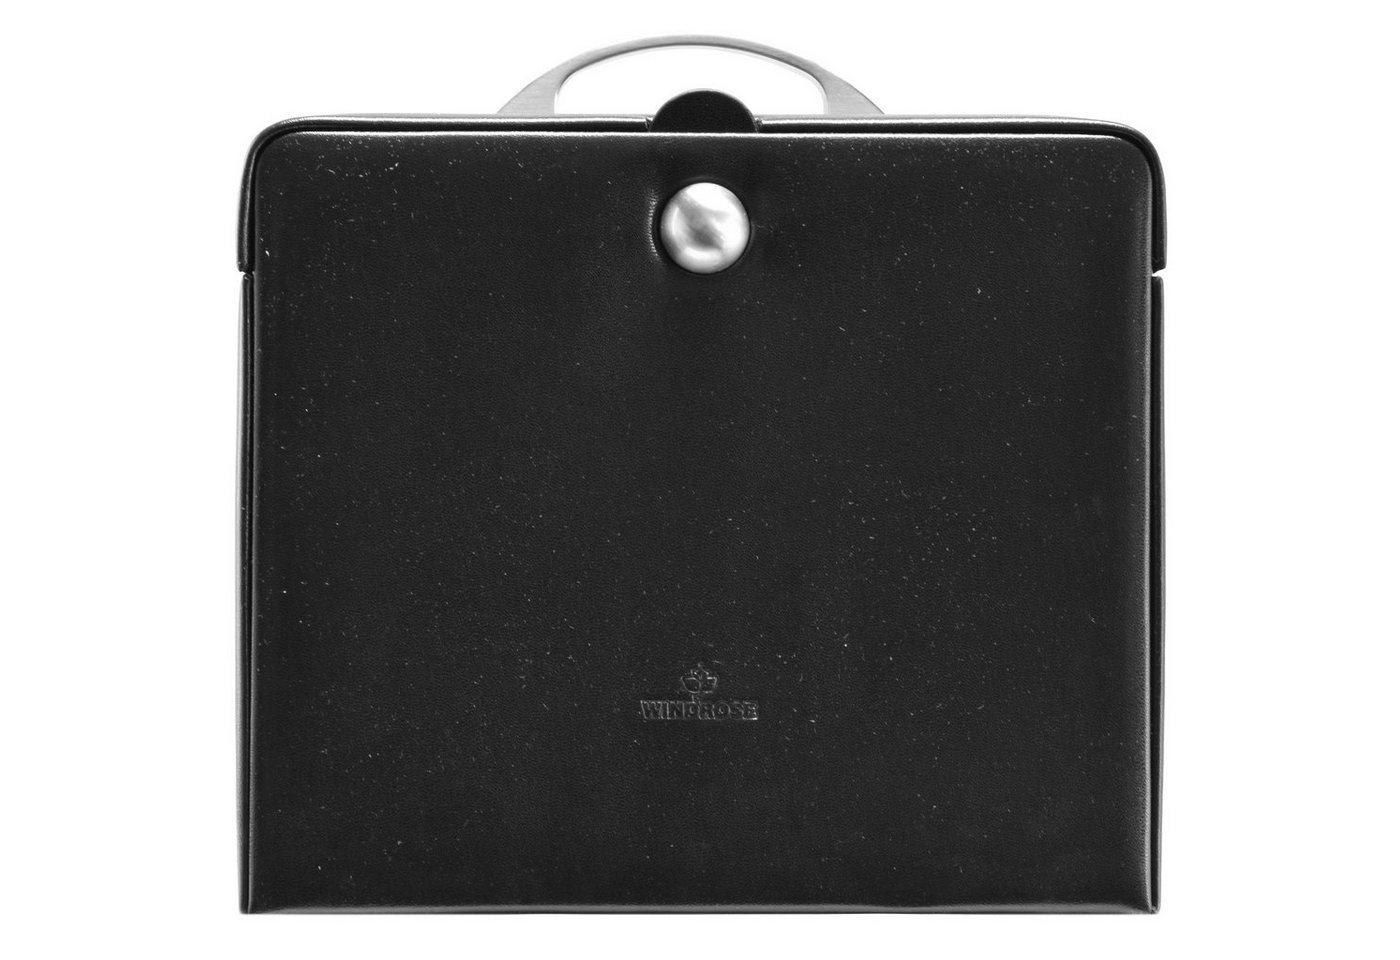 Windrose Merino Charmbox Schmuckkasten 25,5 cm | Schmuck > Schmuckaufbewahrungen > Schmuckkästen | Schwarz | Windrose